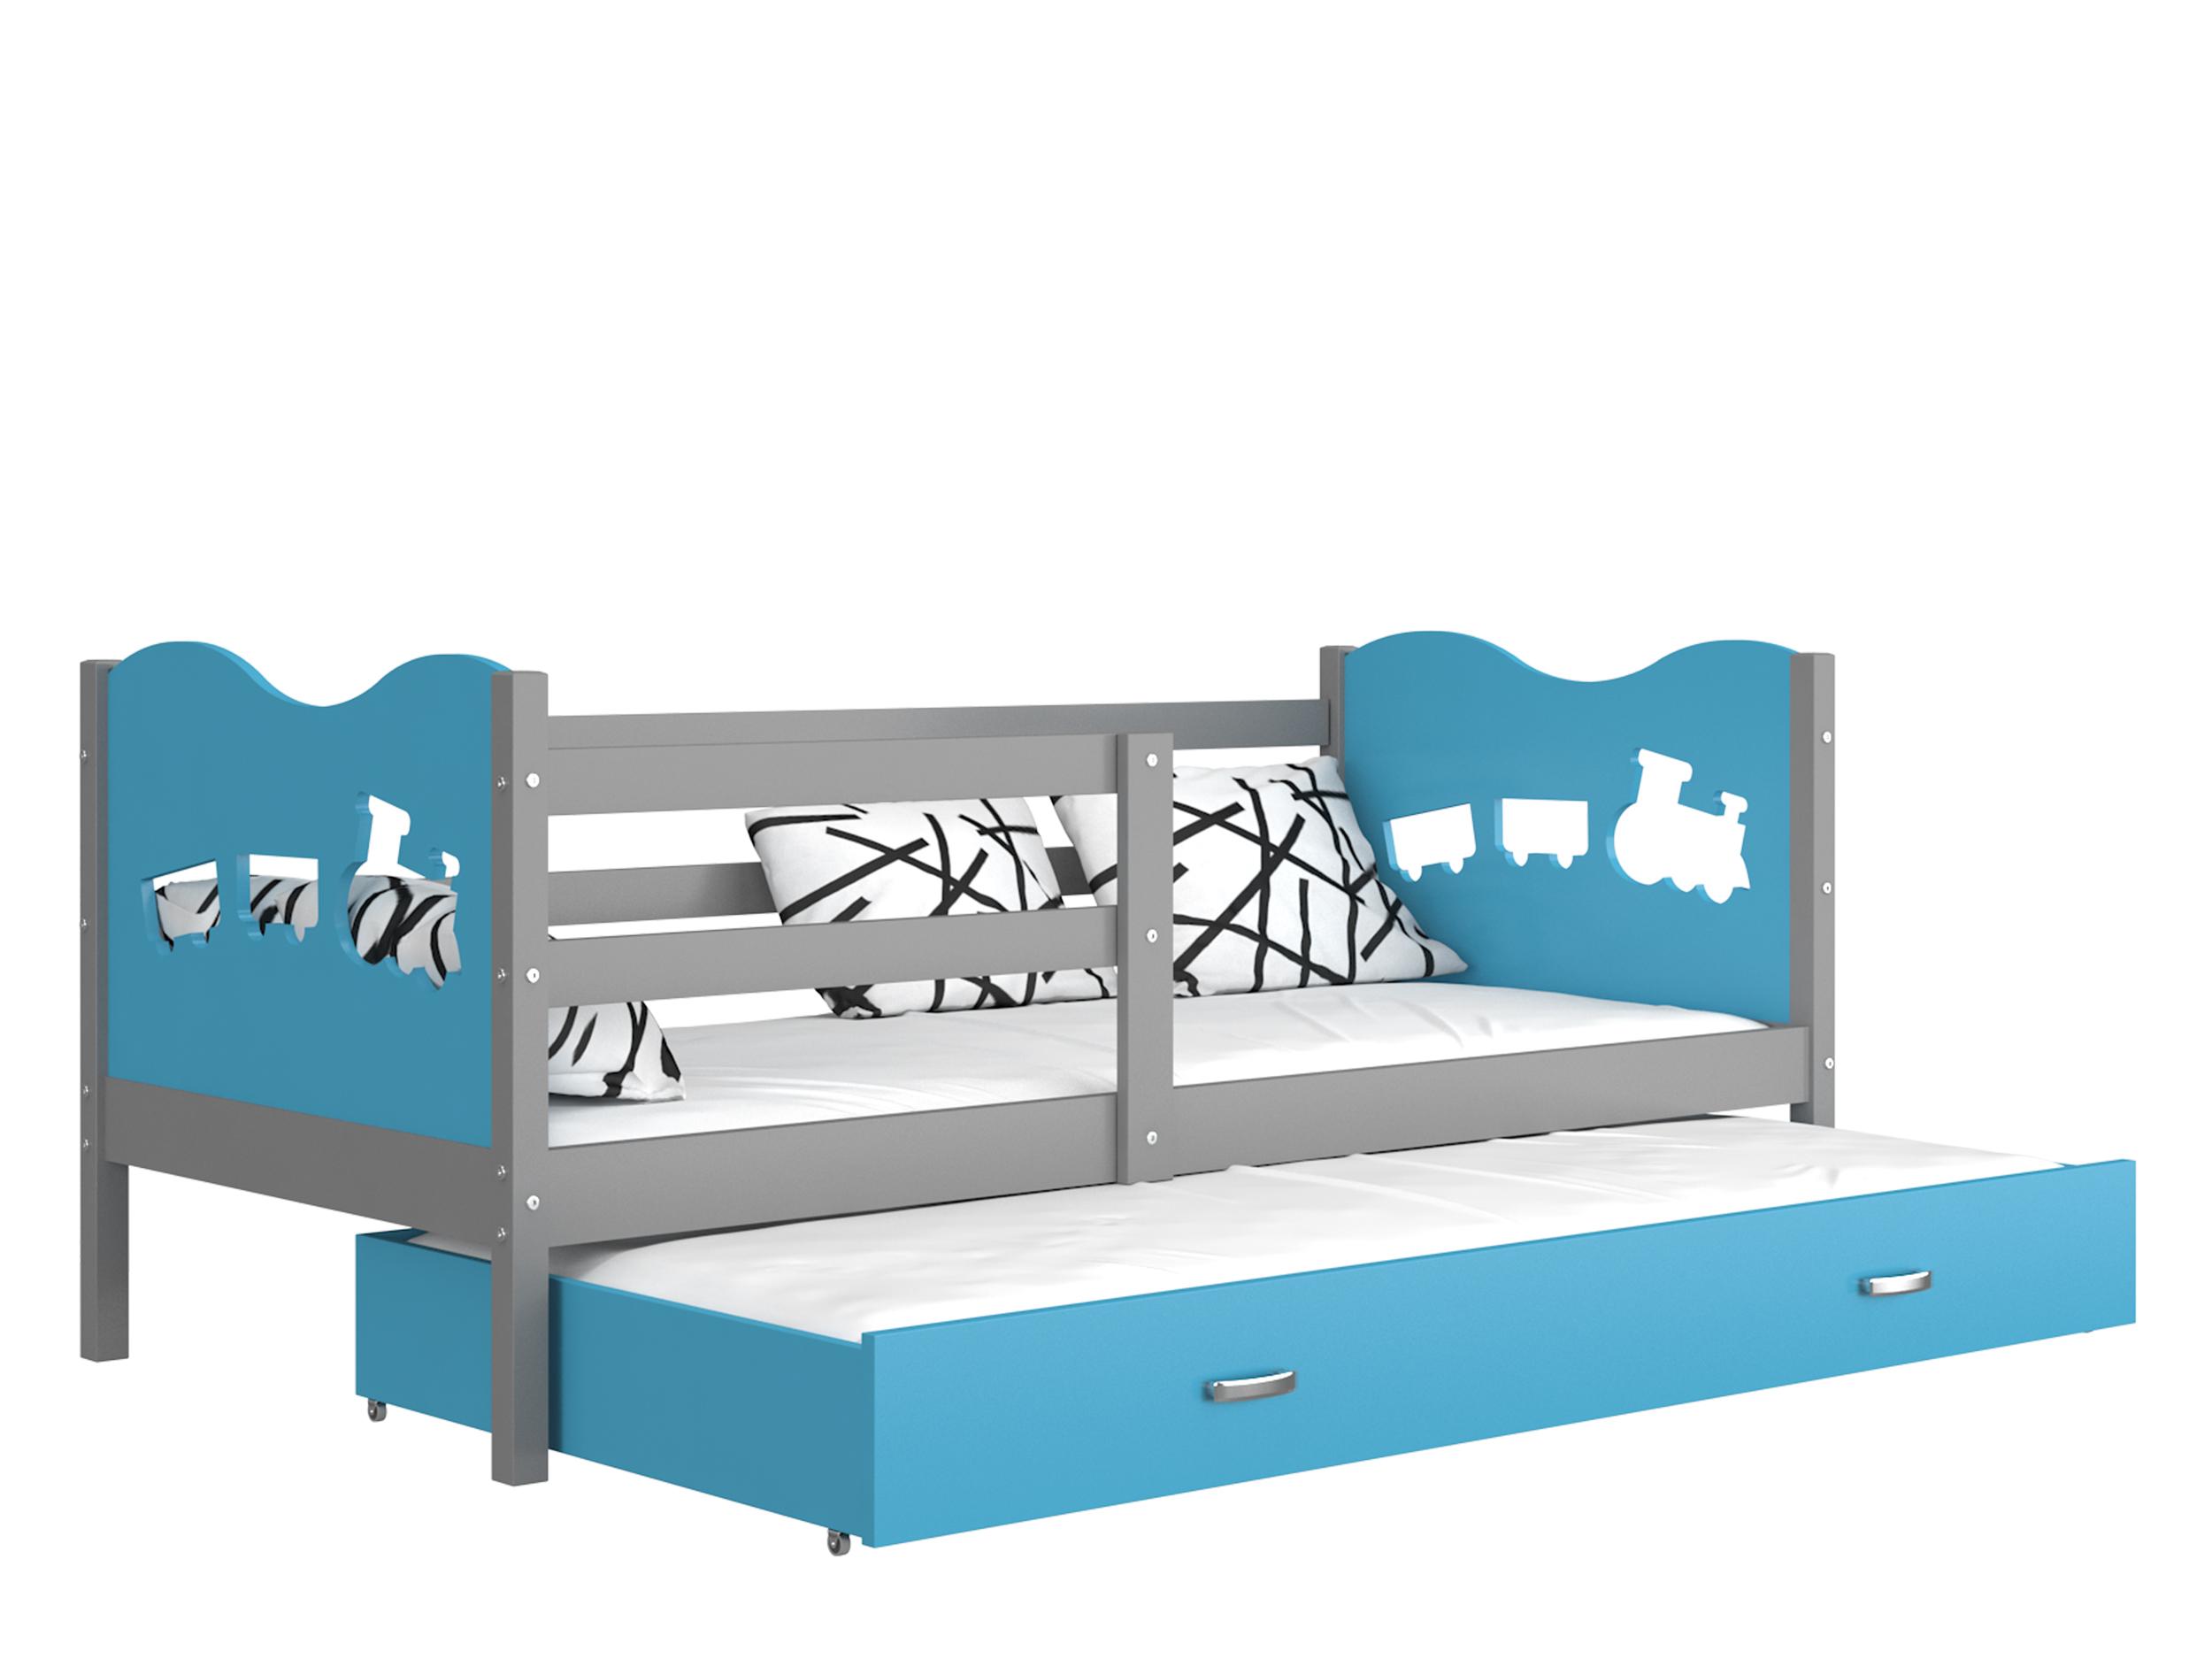 ArtAJ Detská posteľ MAX P2 / MDF 200 x 90 cm Farba: sivá / modrá 200 x 90 cm, s matracom